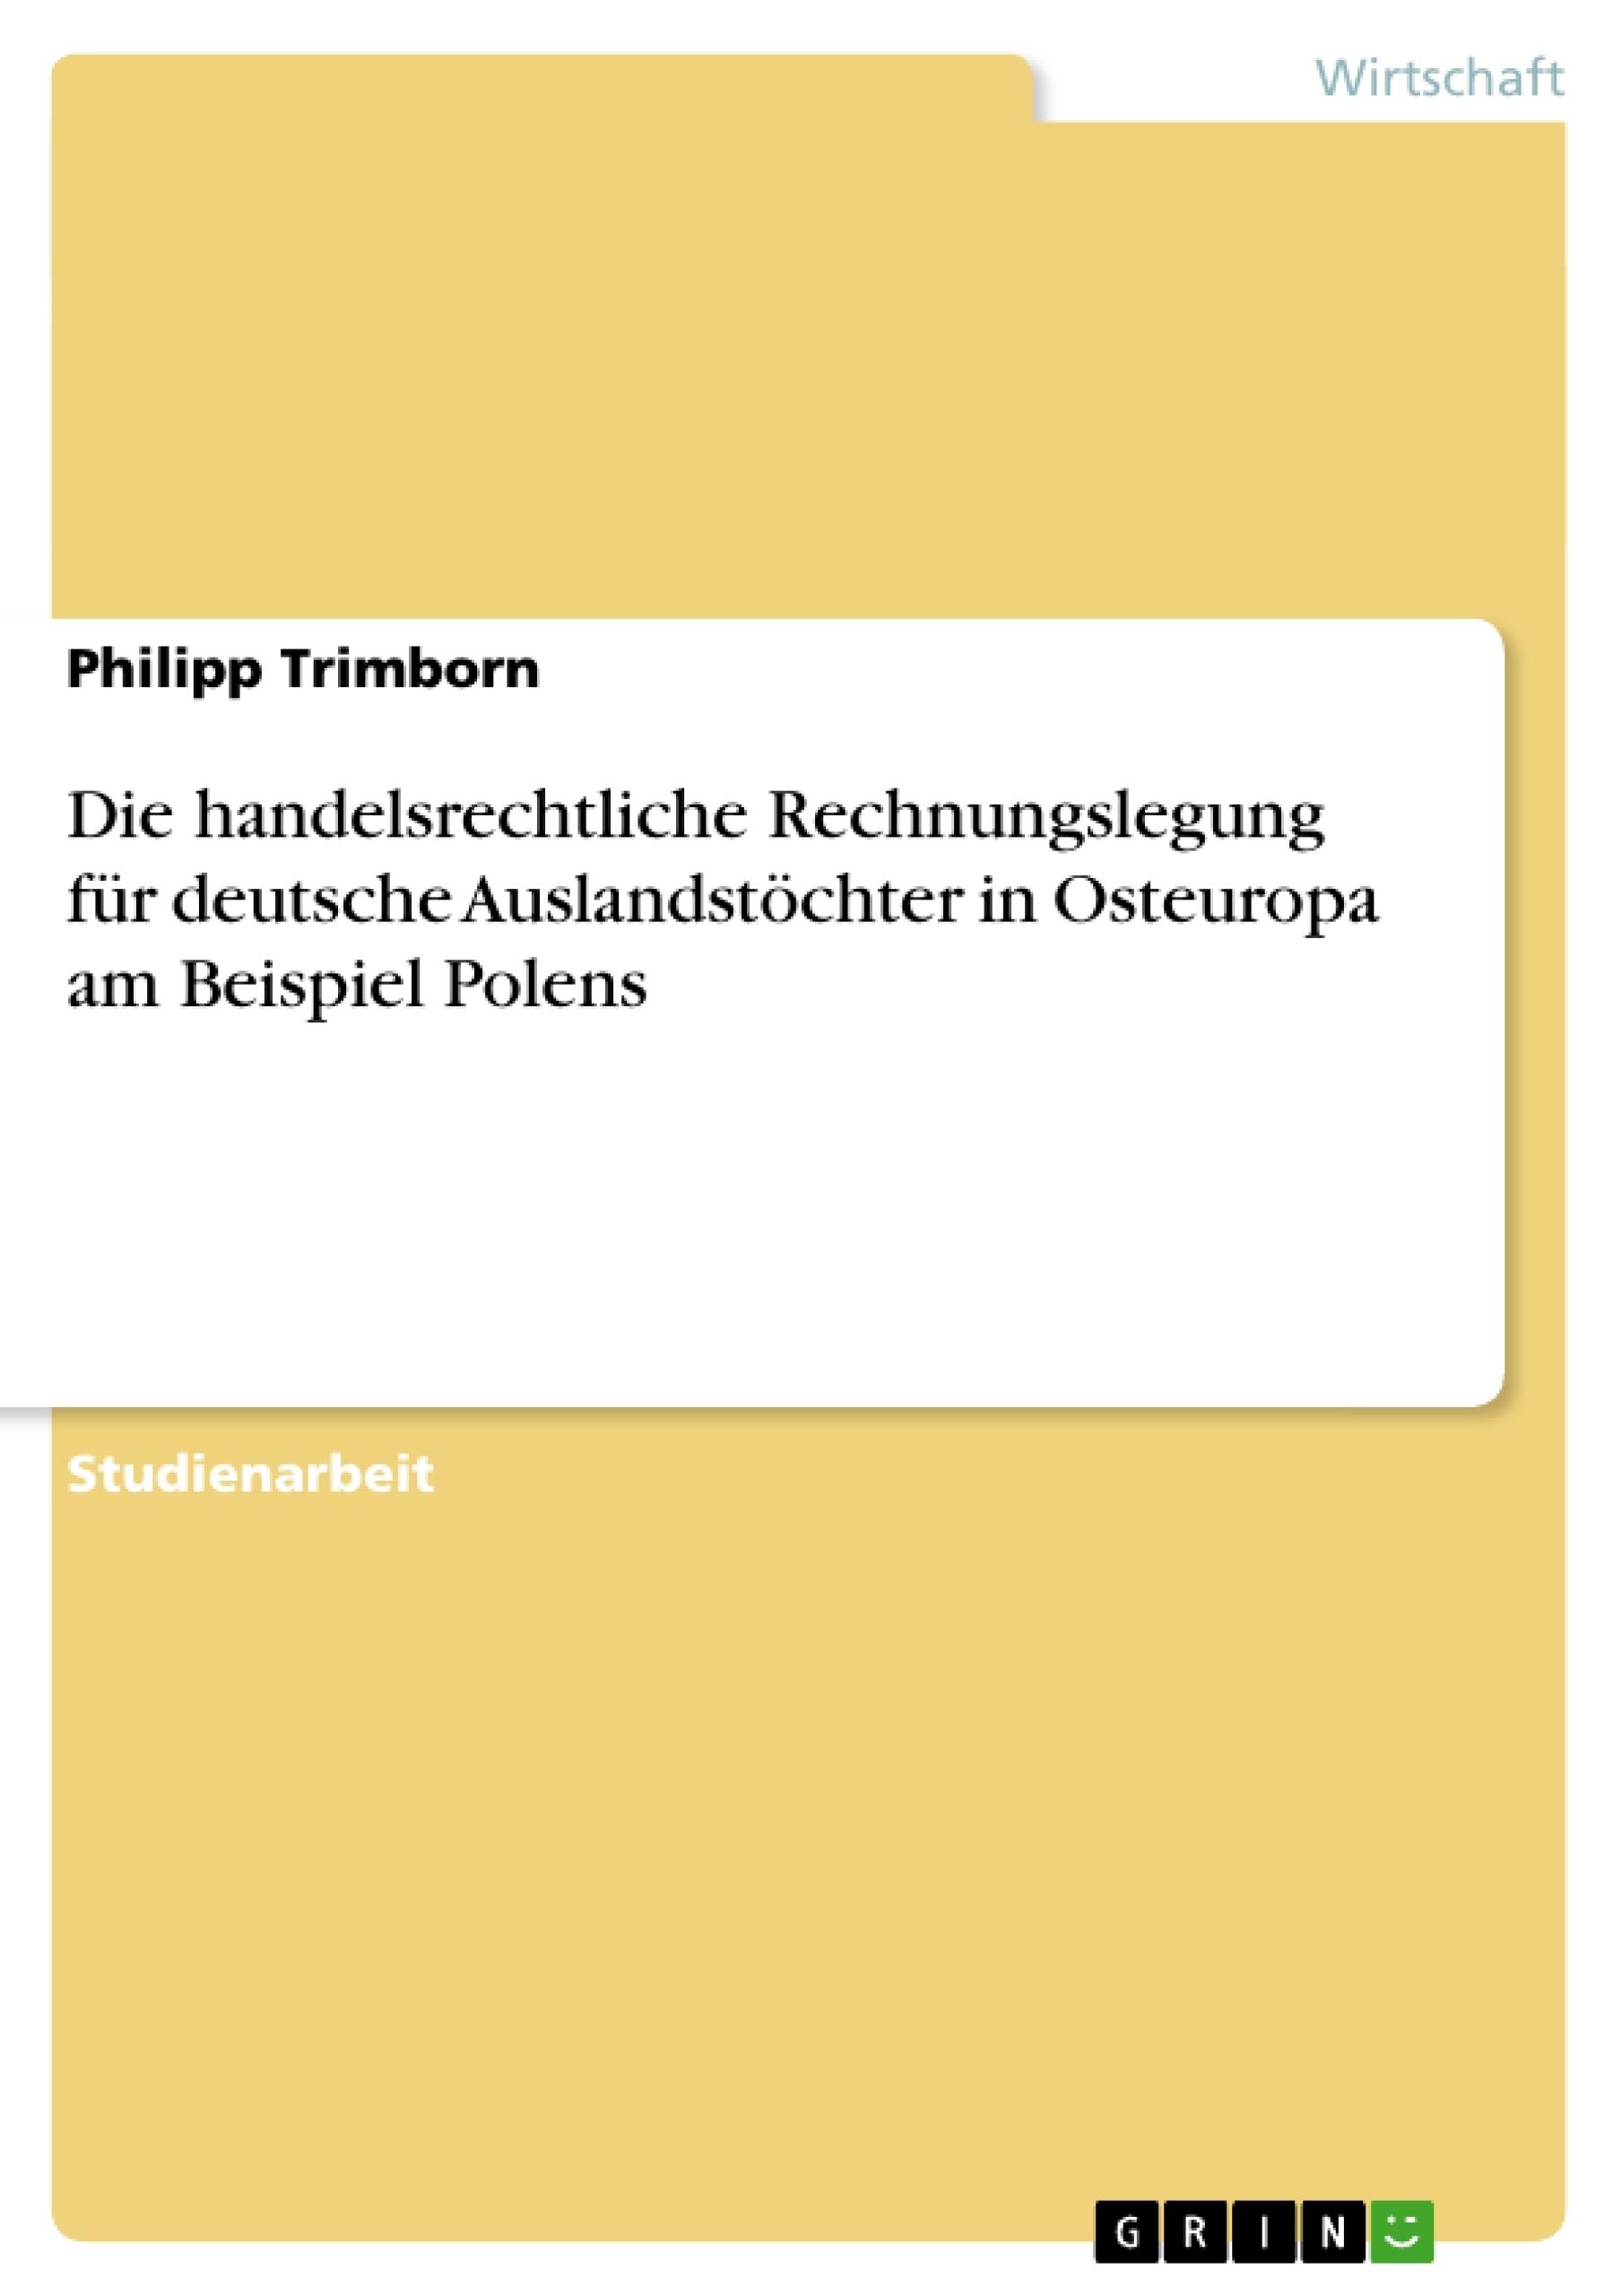 Titel: Die handelsrechtliche Rechnungslegung für deutsche Auslandstöchter in Osteuropa am Beispiel Polens